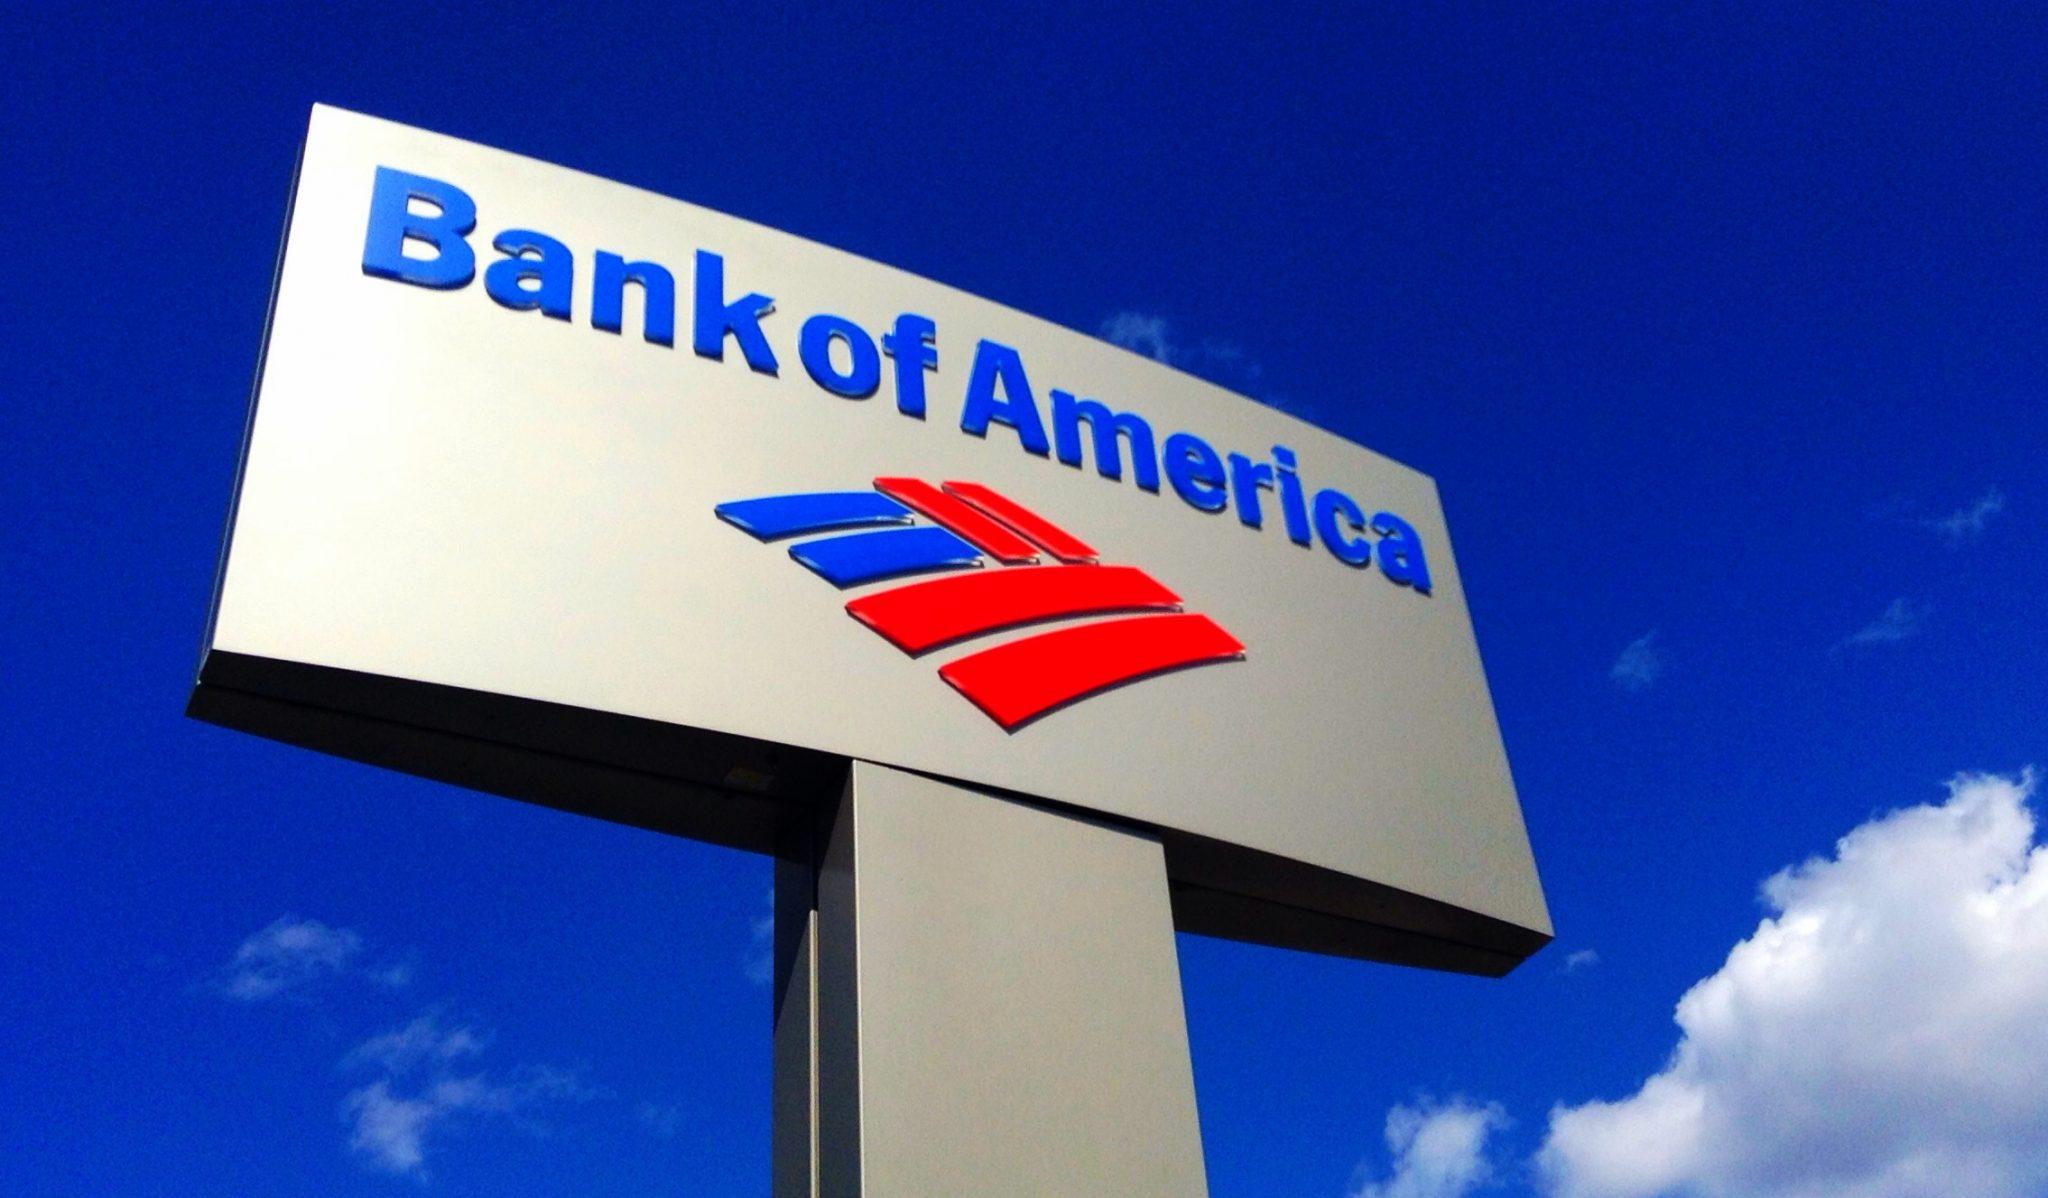 «Bank of America» разработал уникальную систему по хранению криптодепозитов